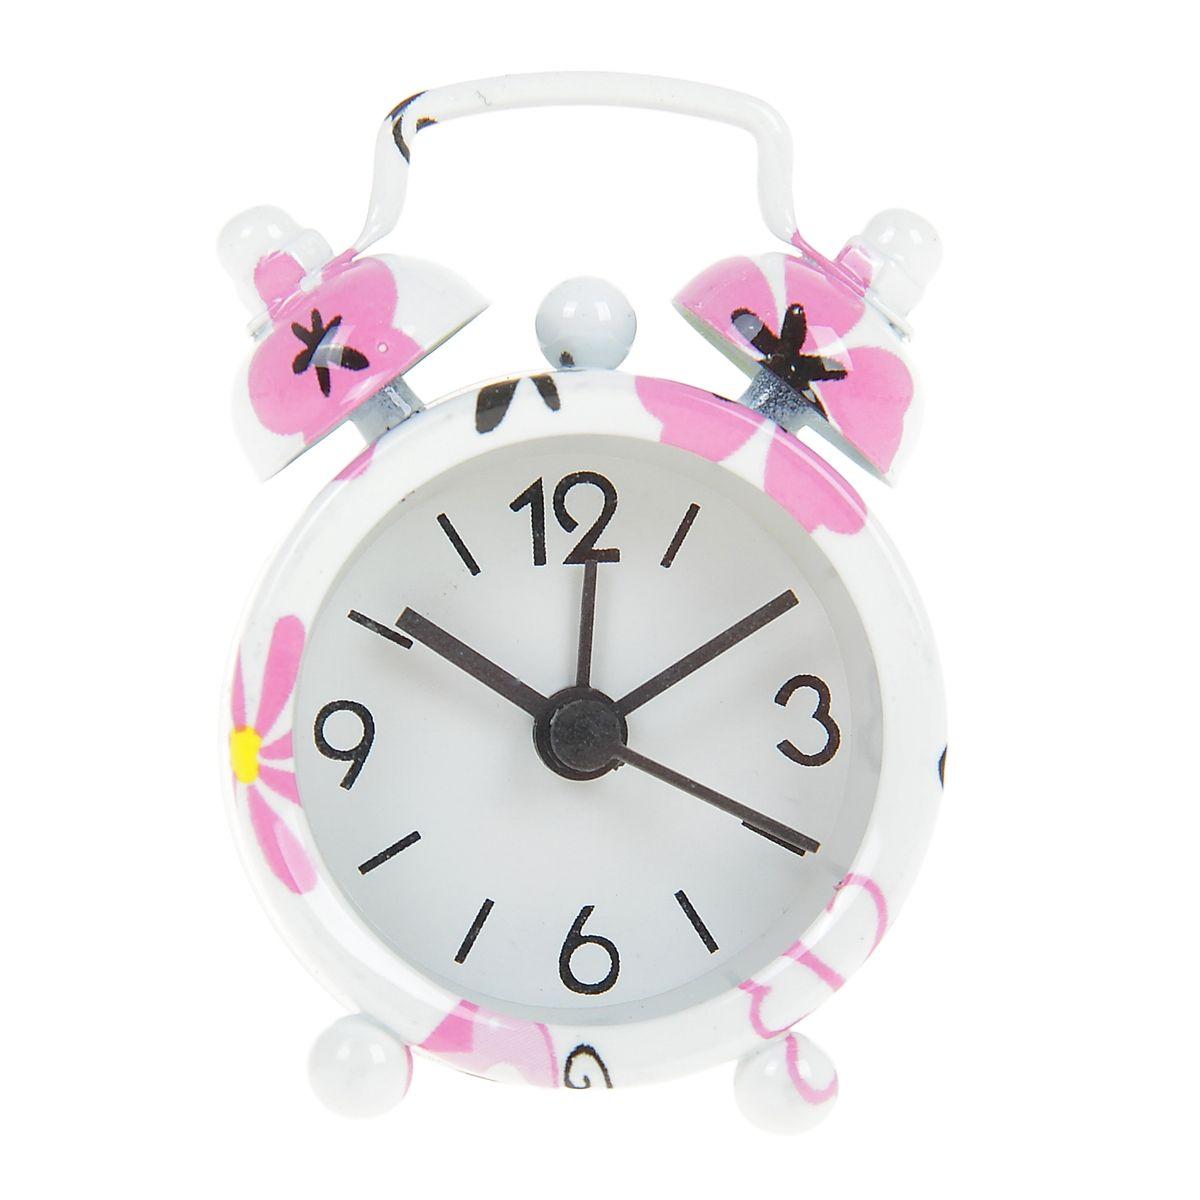 Часы-будильник Sima-land Бабочка840960Как же сложно иногда вставать вовремя! Всегда так хочется поспать еще хотя бы 5 минут и бывает, что мы просыпаем. Теперь этого не случится! Яркий, оригинальный будильник Sima-land Бабочка поможет вам всегда вставать в нужное время и успевать везде и всюду. Будильник украсит вашу комнату и приведет в восхищение друзей. Эта уменьшенная версия привычного будильника умещается на ладони и работает так же громко, как и привычные аналоги. Время показывает точно и будит в установленный час. На задней панели будильника расположены переключатель включения/выключения механизма, а также два колесика для настройки текущего времени и времени звонка будильника. Будильник работает от 1 батарейки типа LR44 (входит в комплект).